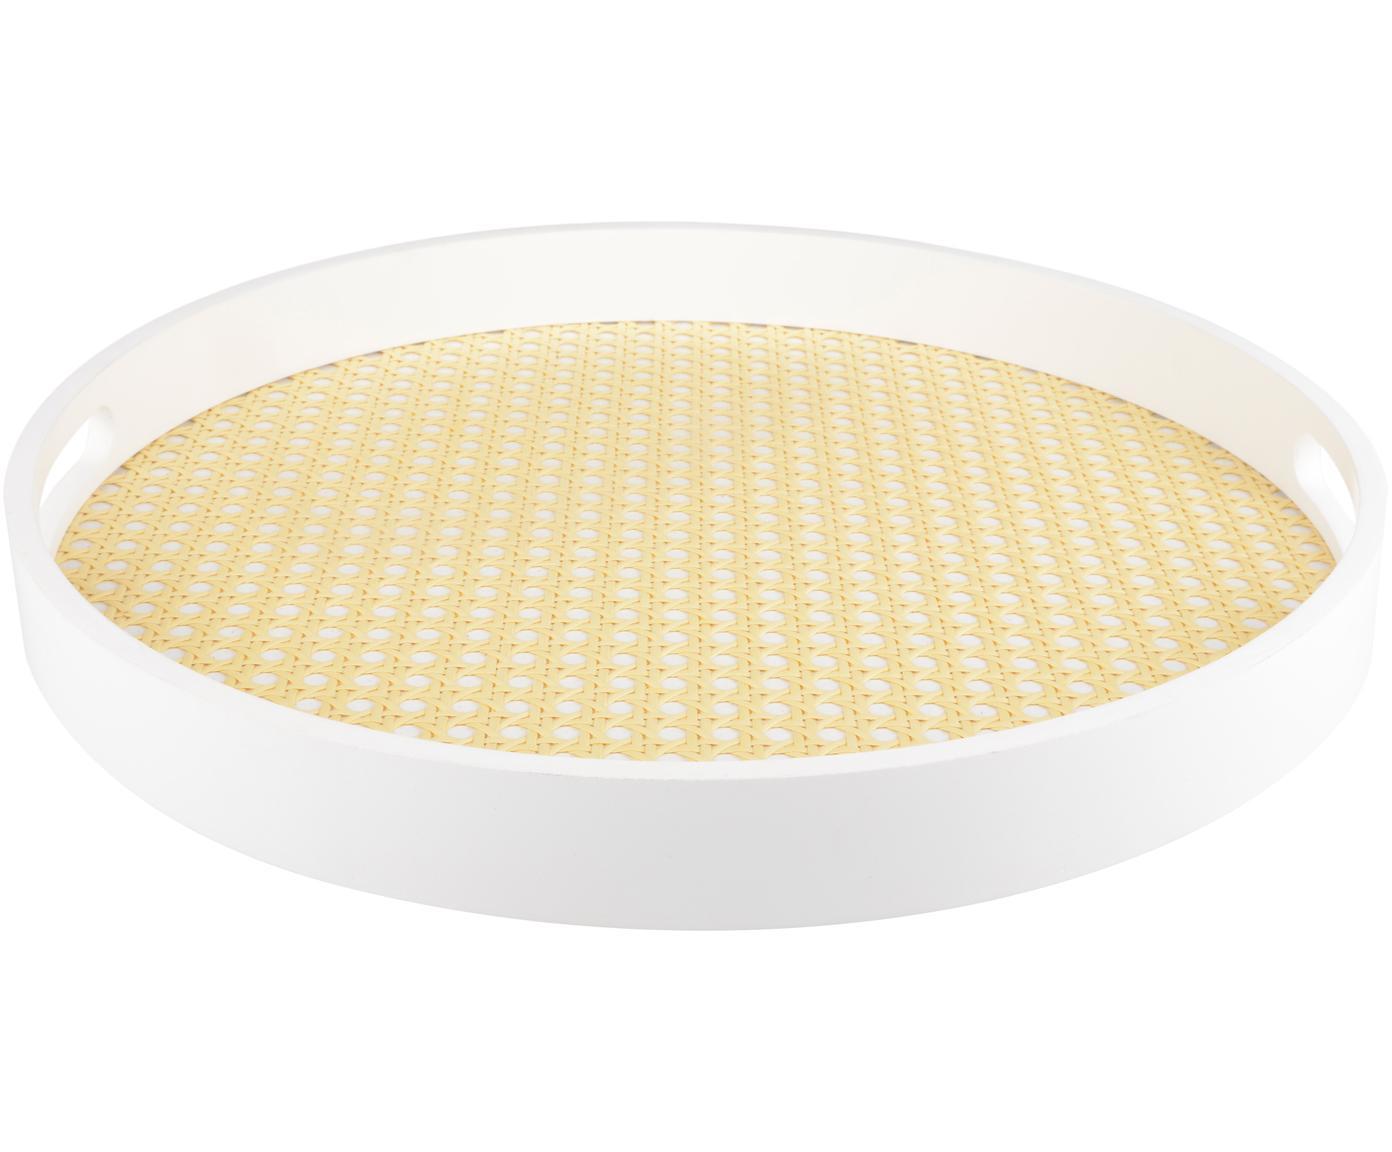 Decoratief dienblad Cirklar, MDF, vlechtwerk, Wit, beige, Ø 39 cm